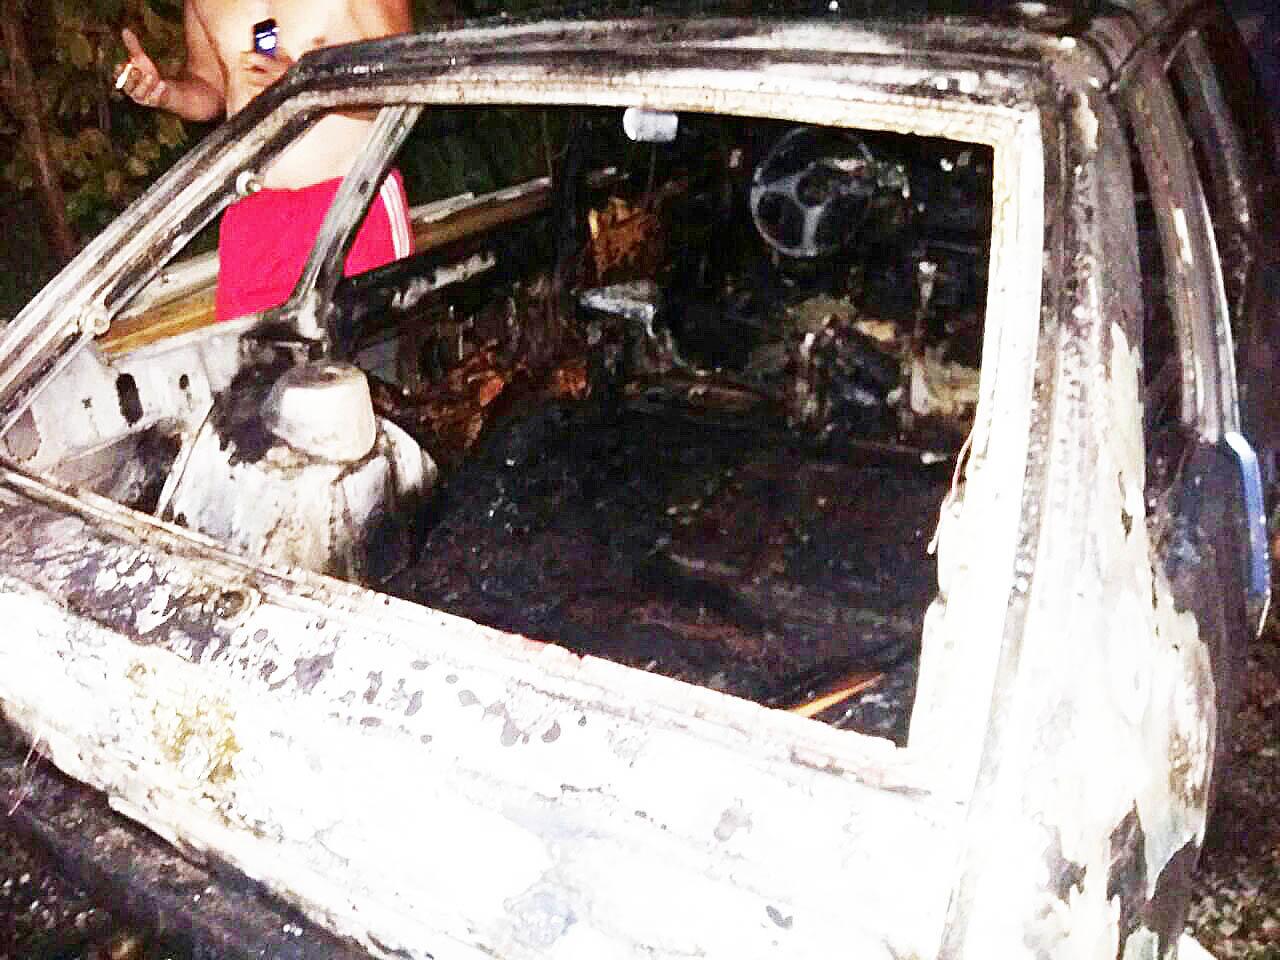 Закарпатському активісту спалили дві машини - поліція відкрила кримінальне провадження (ФОТО), фото-5